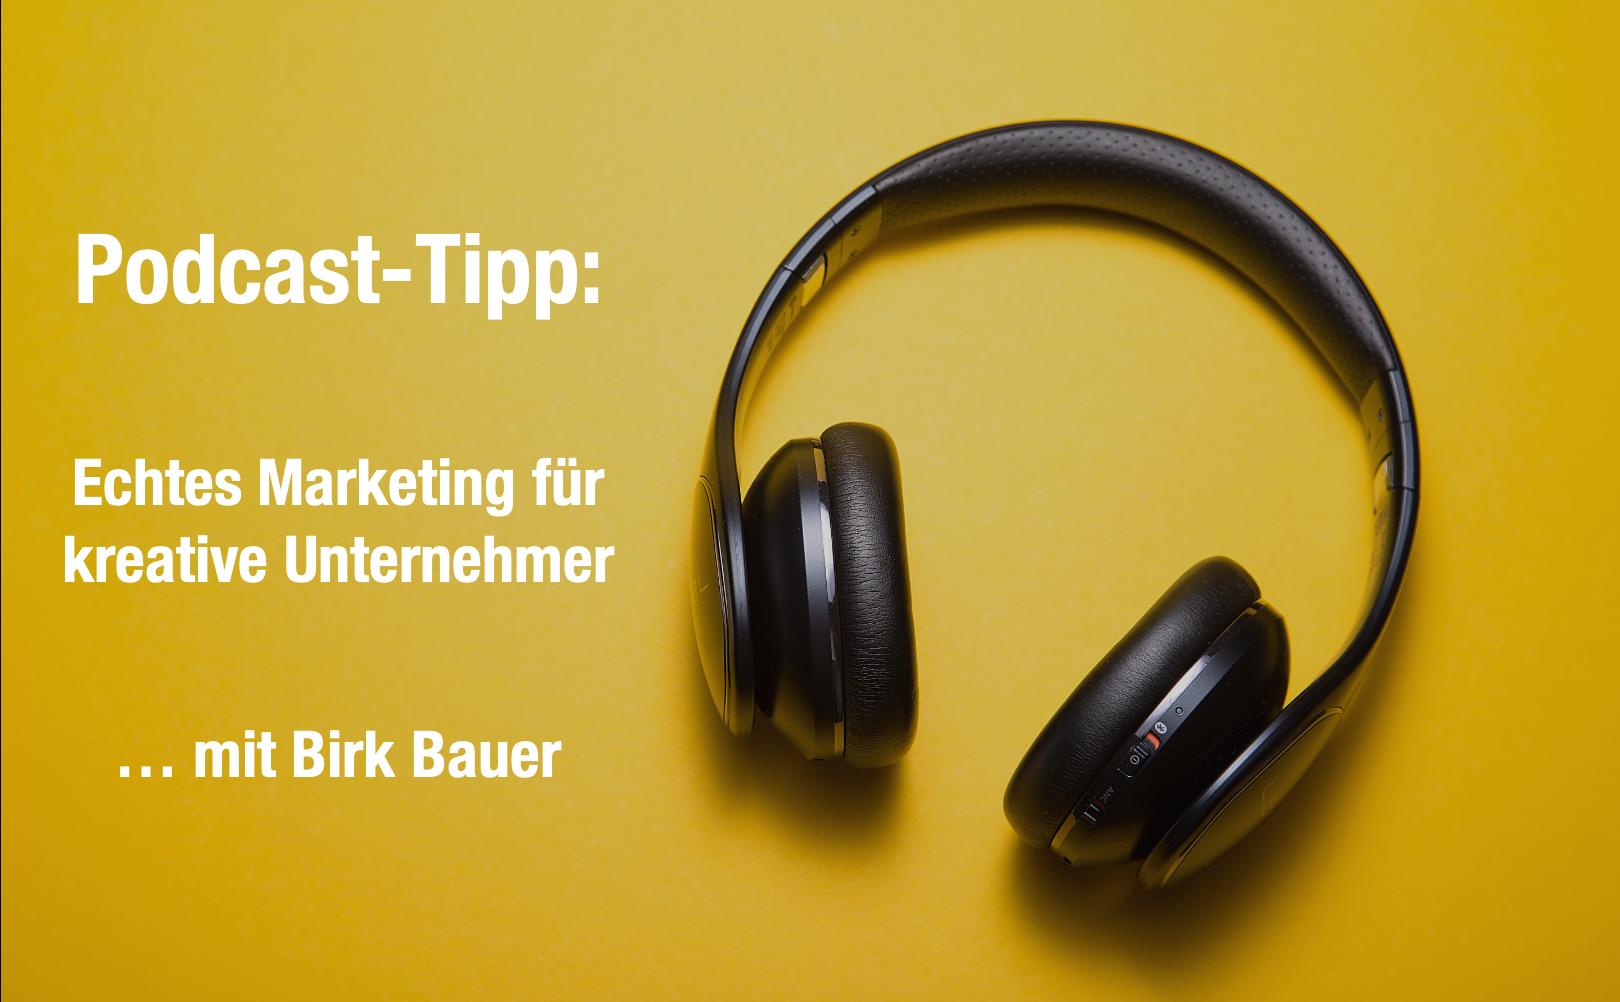 """Podcast: """"Echtes Marketing für kreative Unternehmer"""" mit Birk Bauer"""